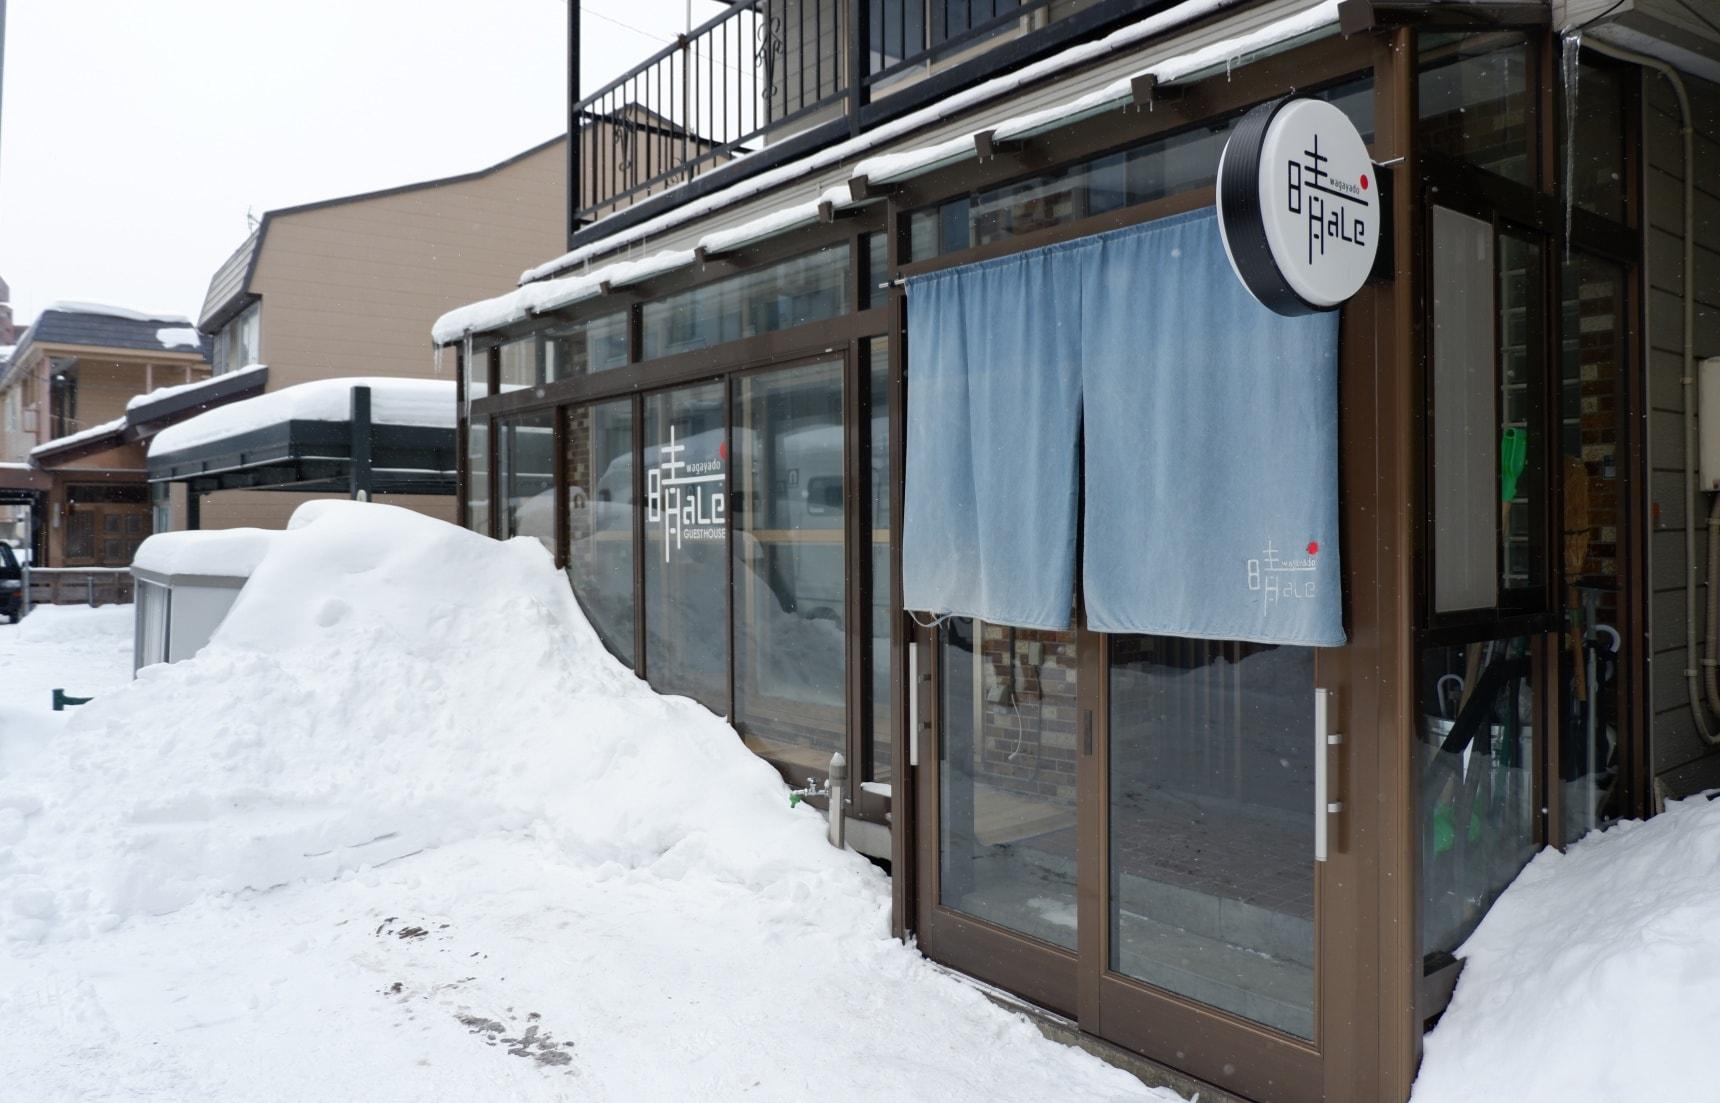 北海道一人旅最佳住宿推薦|札幌Wagayado-晴-Hale